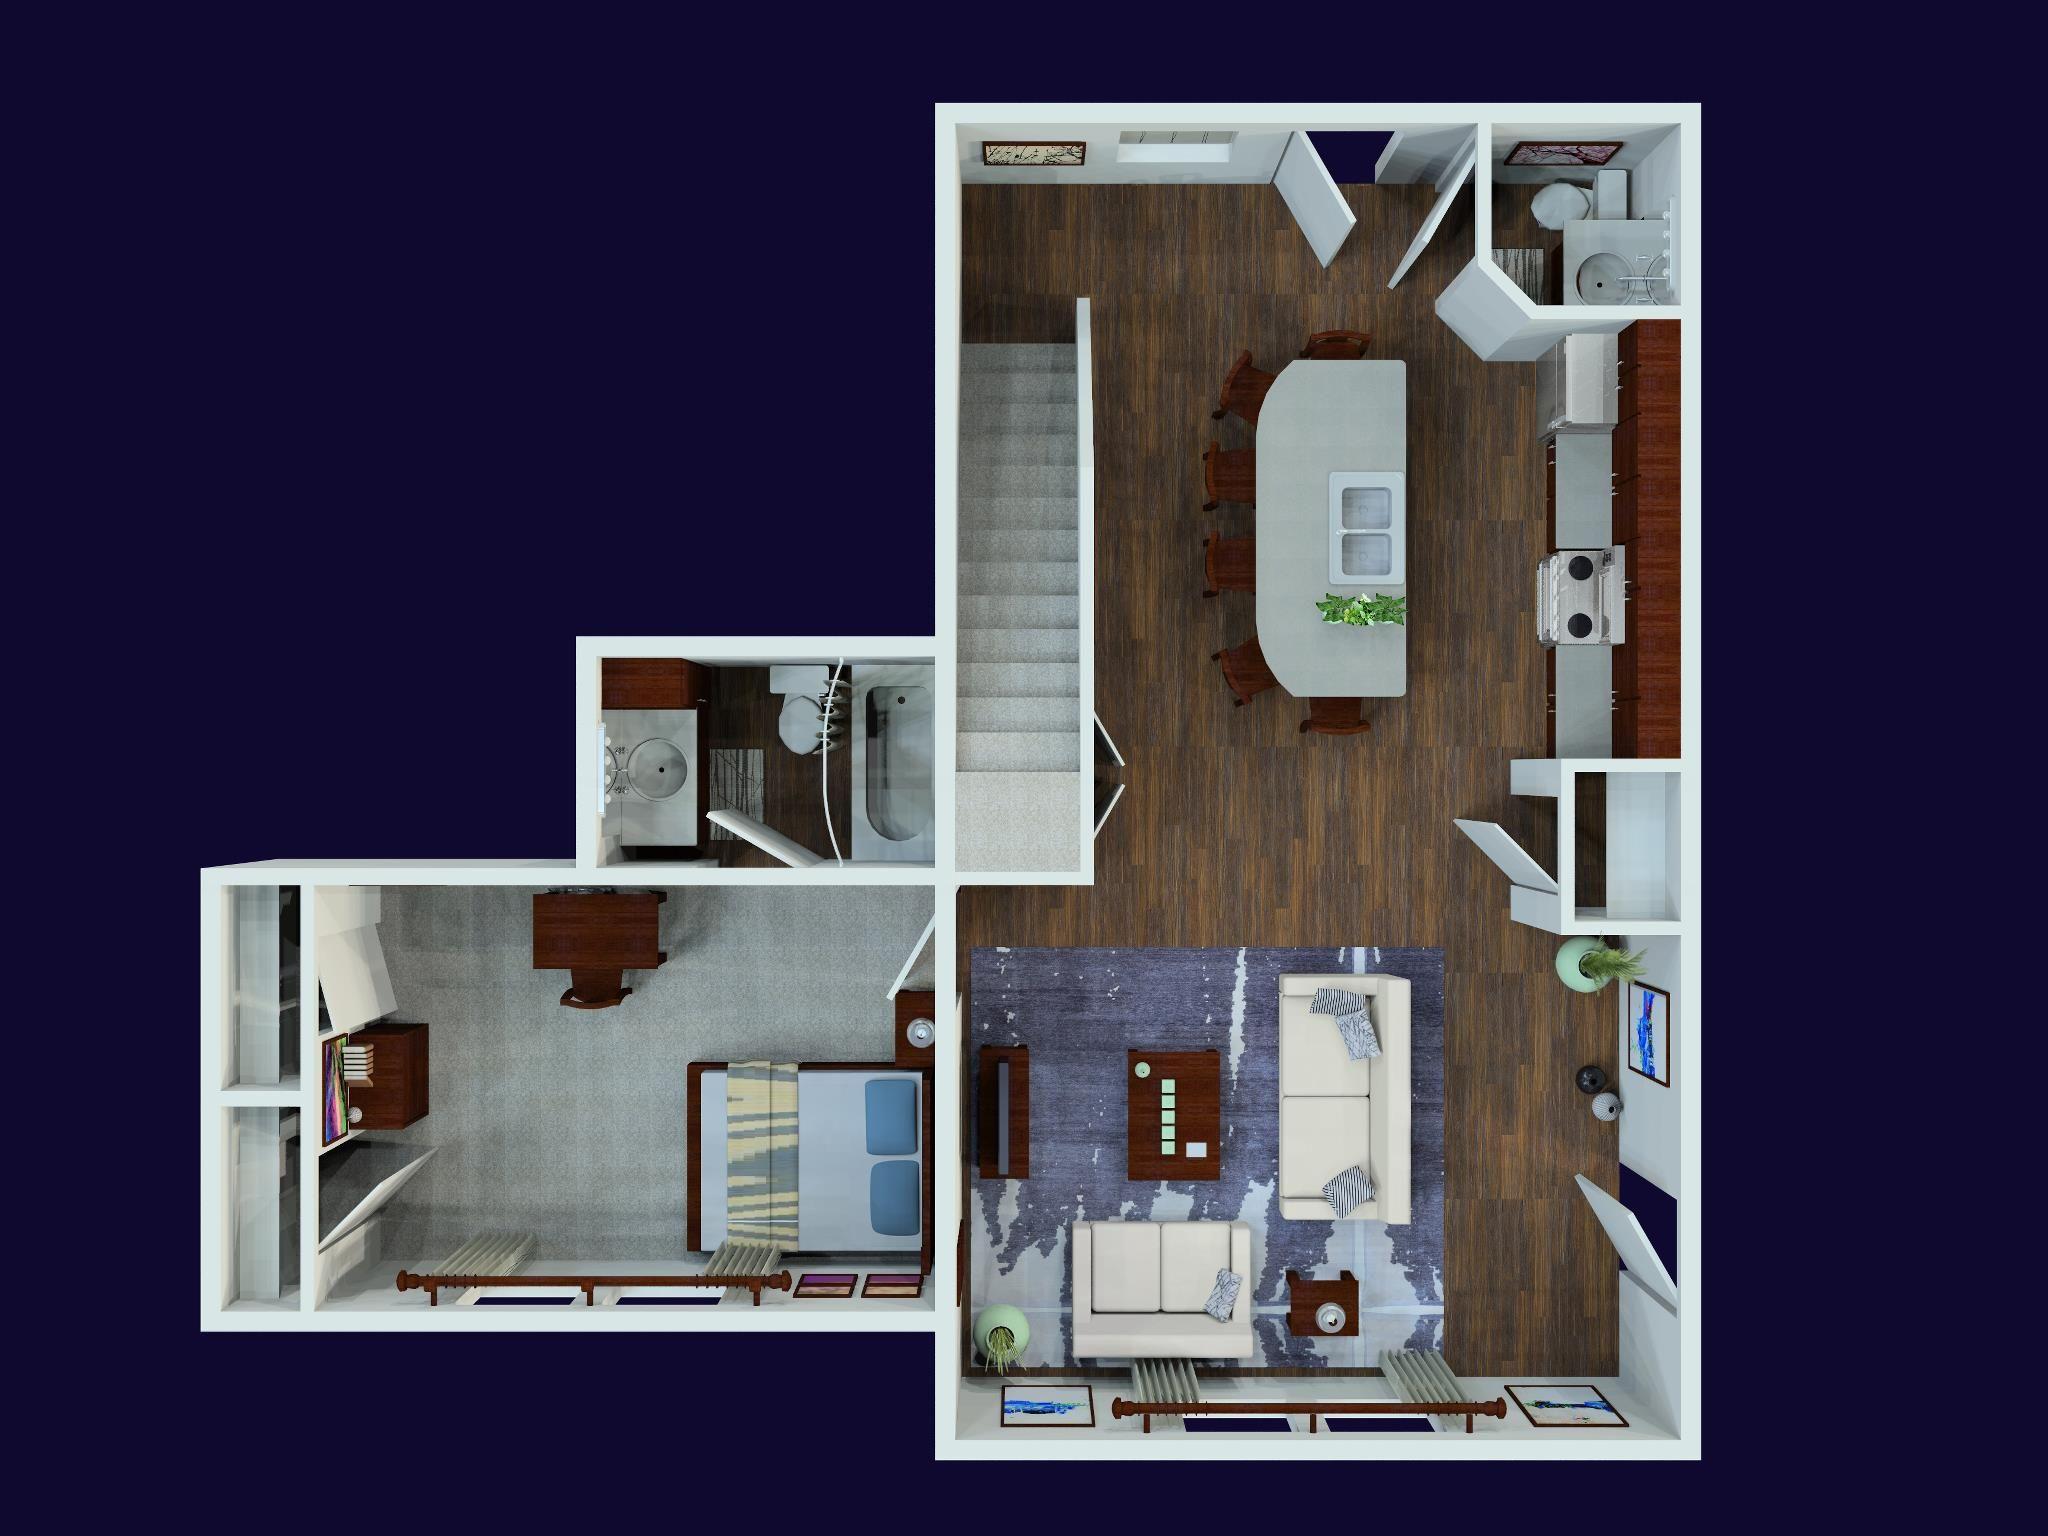 THE AVENUE AT TUSCALOOSA 4 bedroom/4.5 bath floorplan